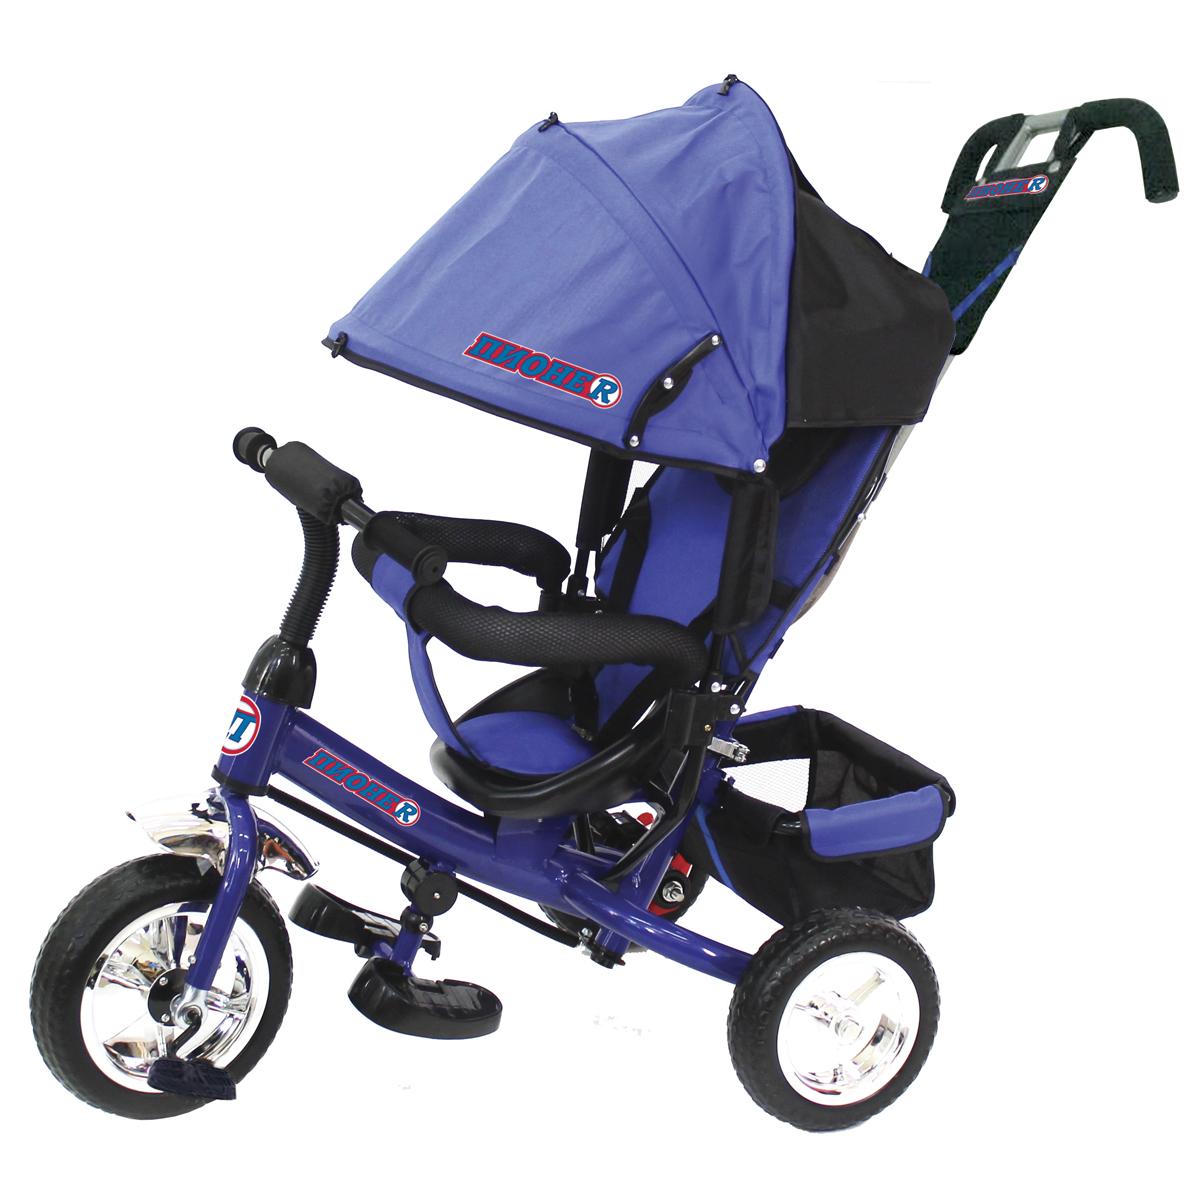 ПИОНЕR Велосипед трехколесный цвет синий P4B